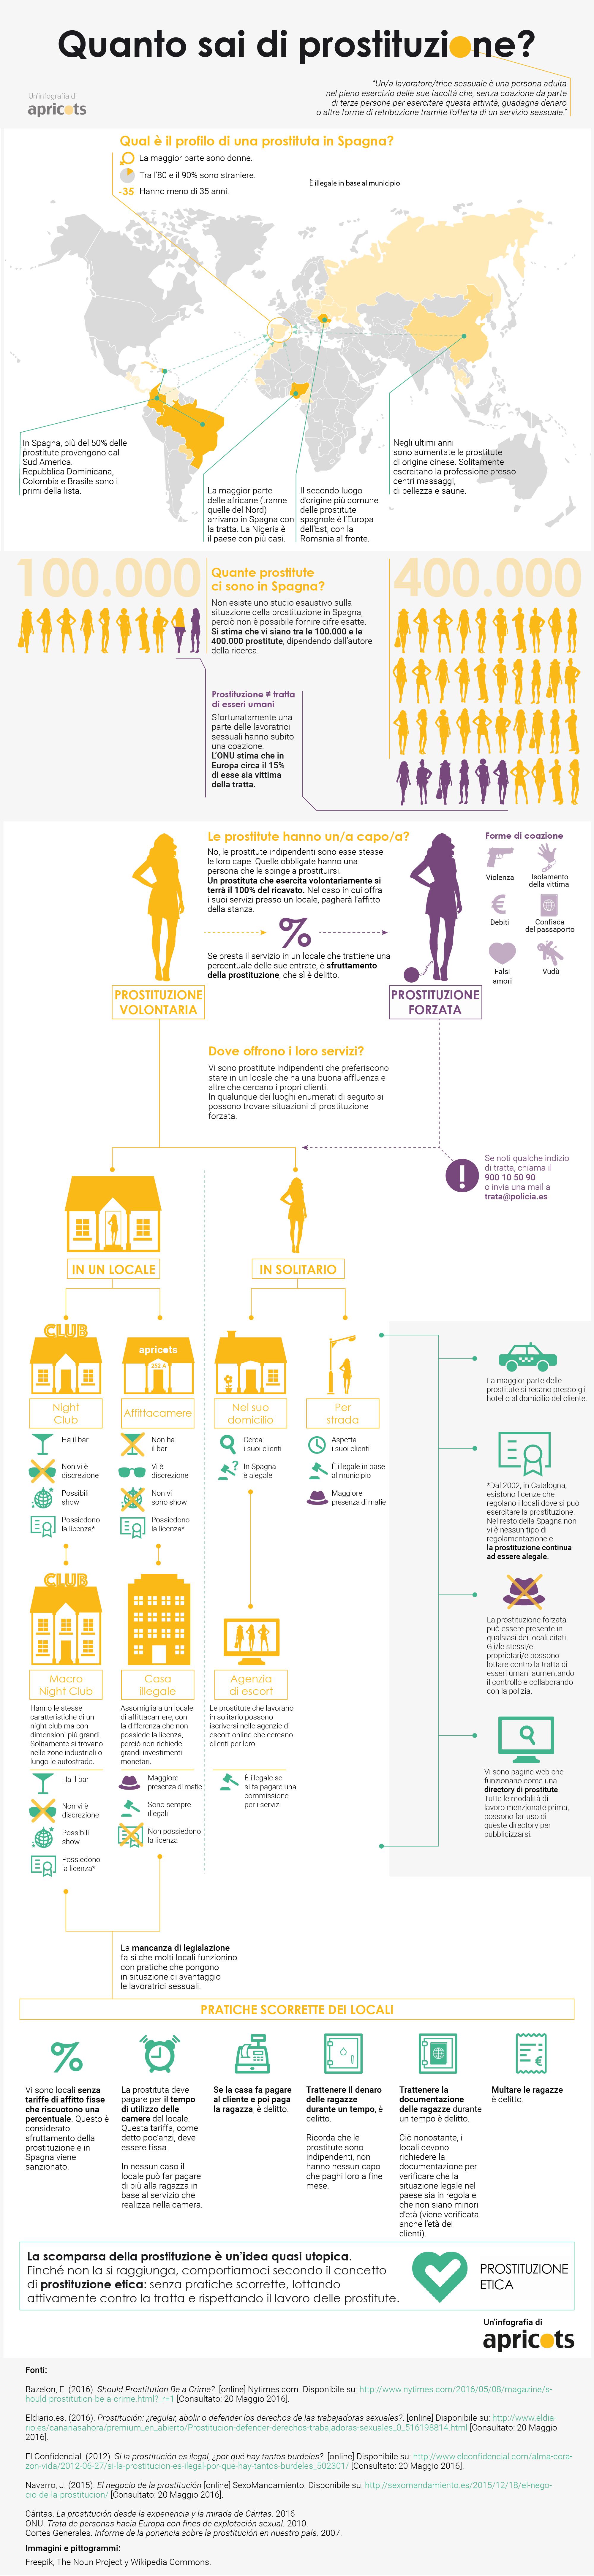 Infografía sobre prostitución